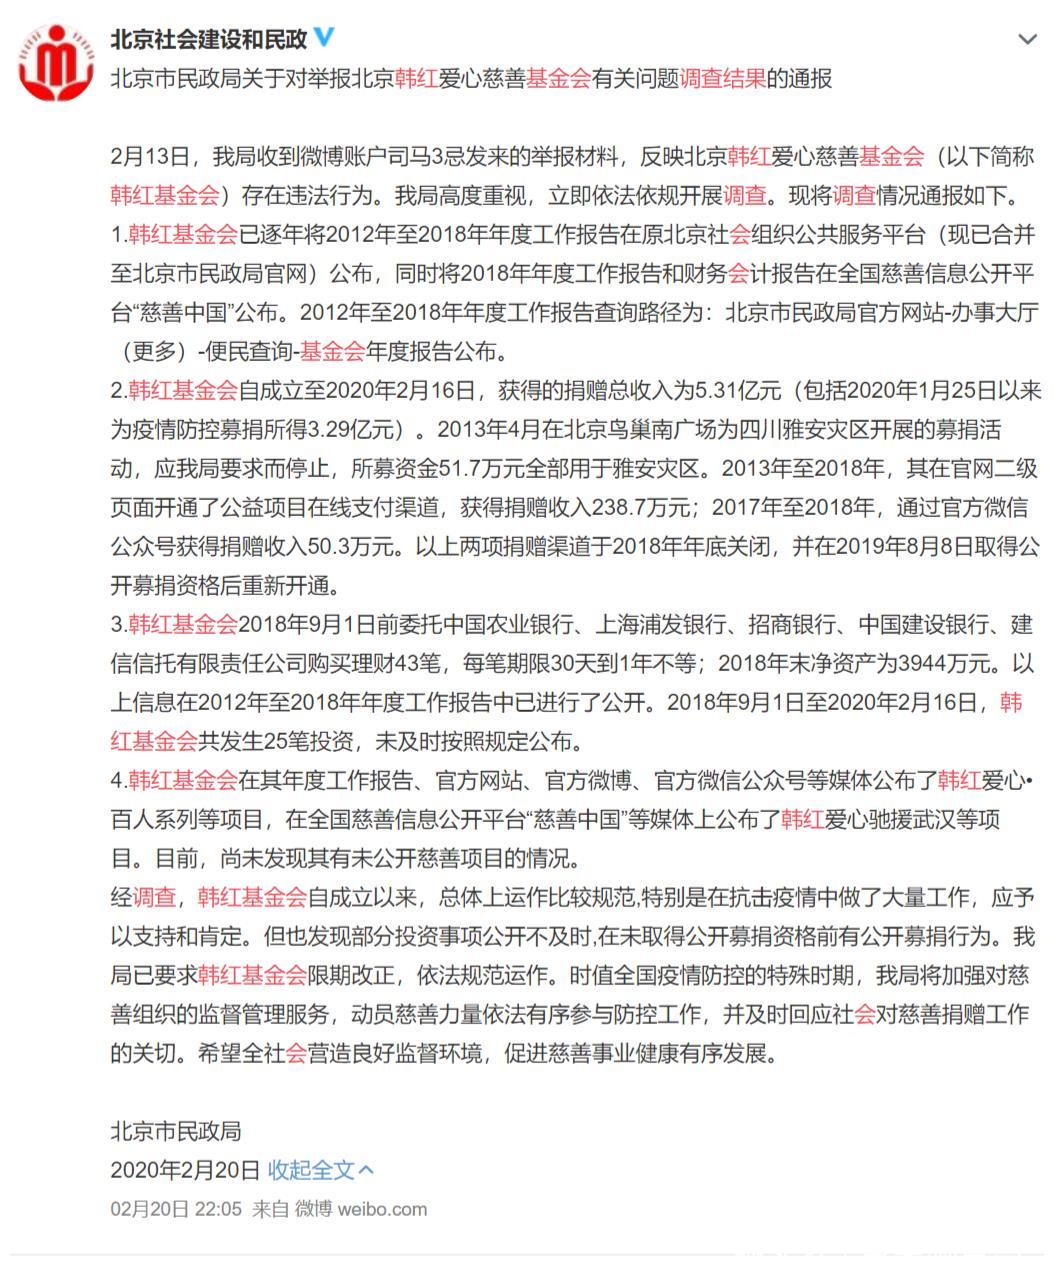 网络造谣处罚太轻?韩红又被曝办公设备太奢侈,还有人信吗